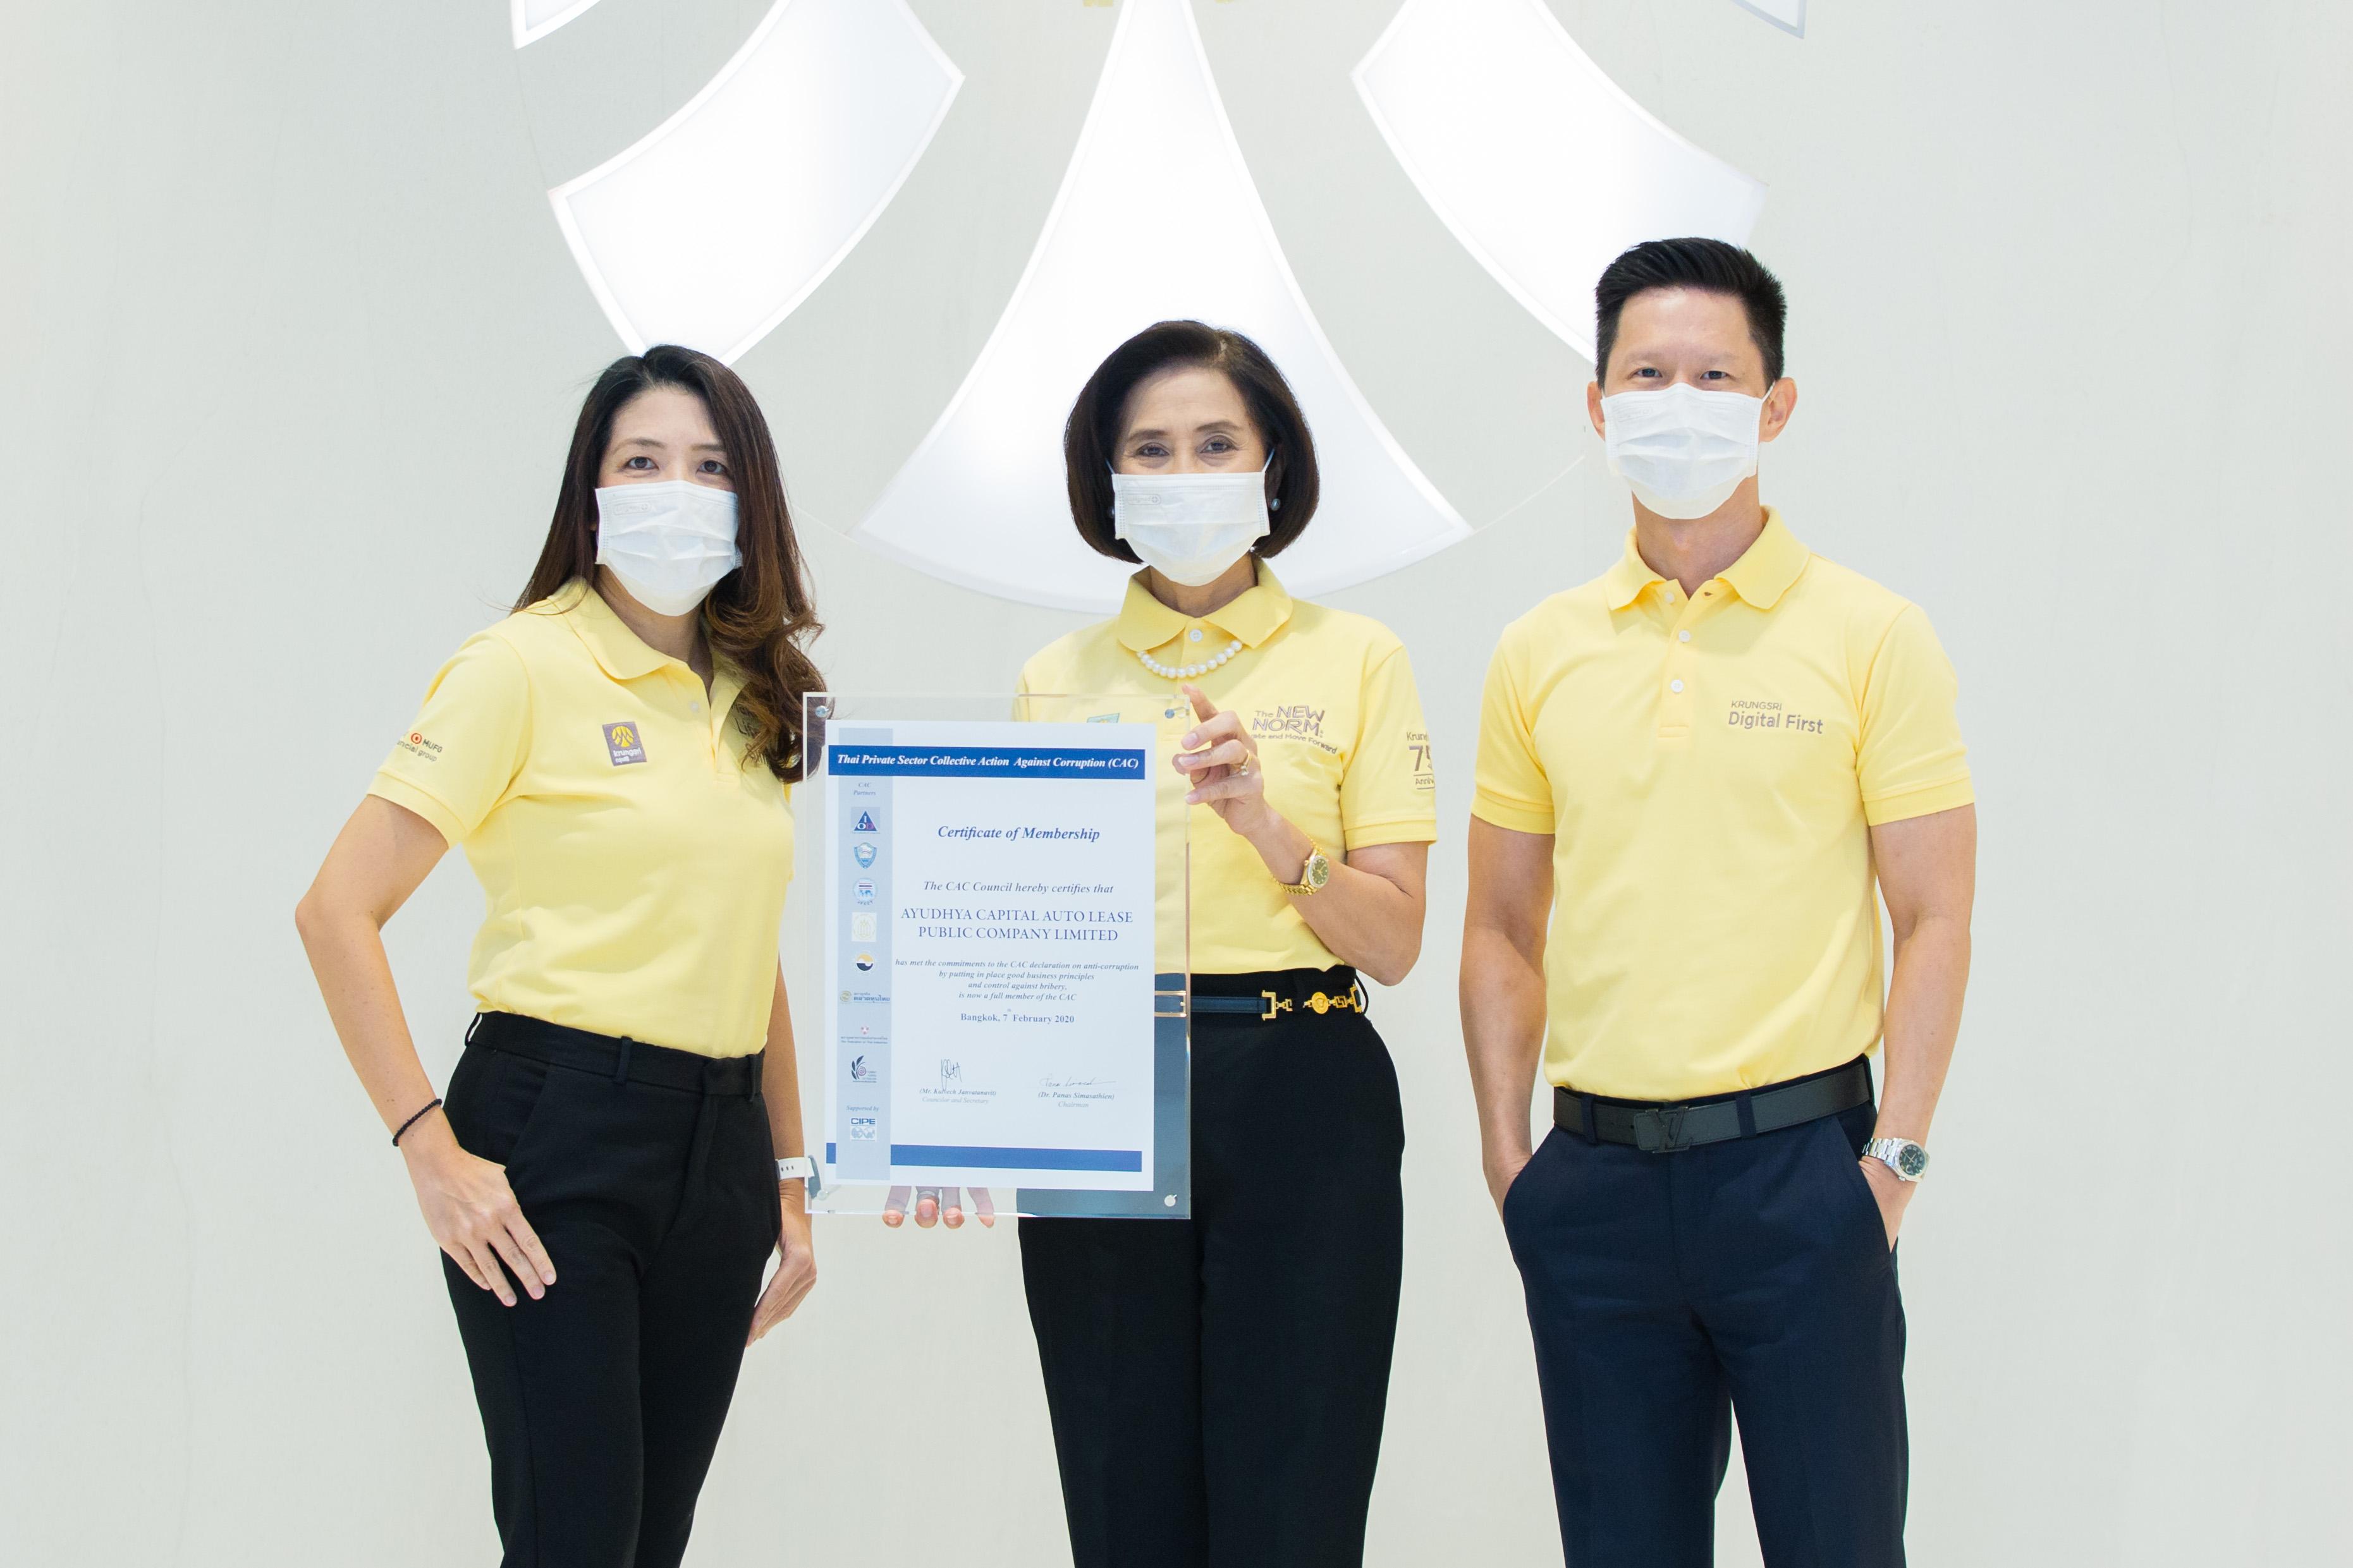 กรุงศรี ออโต้ ตอกย้ำการดำเนินธุรกิจอย่างโปร่งใส เดินหน้าร่วมเป็นสมาชิกแนวร่วมต่อต้านคอร์รัปชันของภาคเอกชนไทย